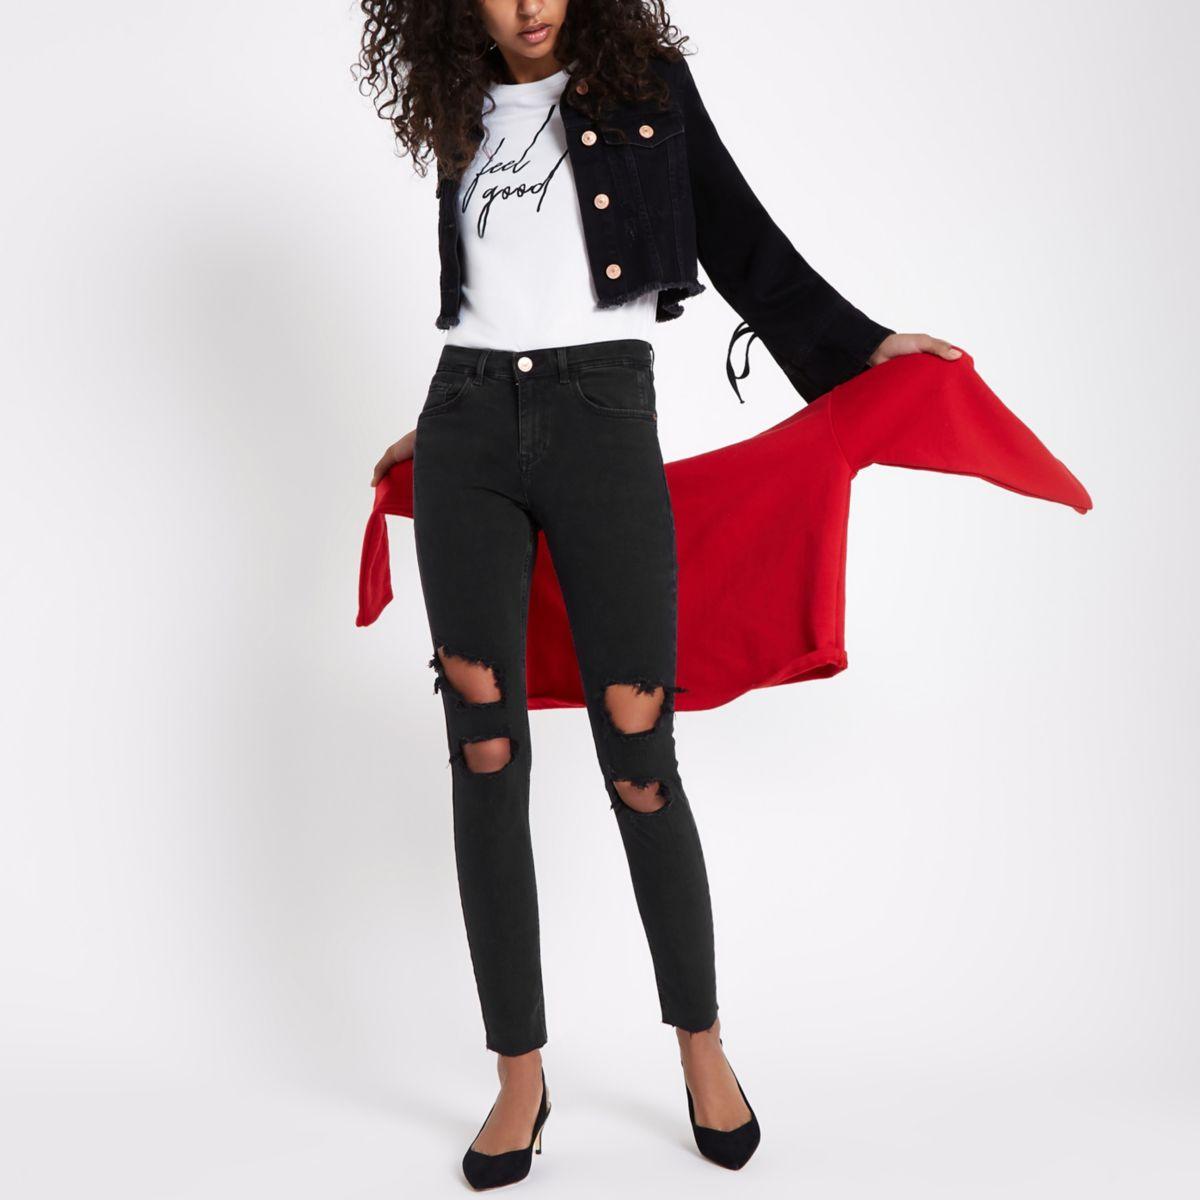 Simple 30 Excellent Black Baggy Jeans Women | Sobatapk.com